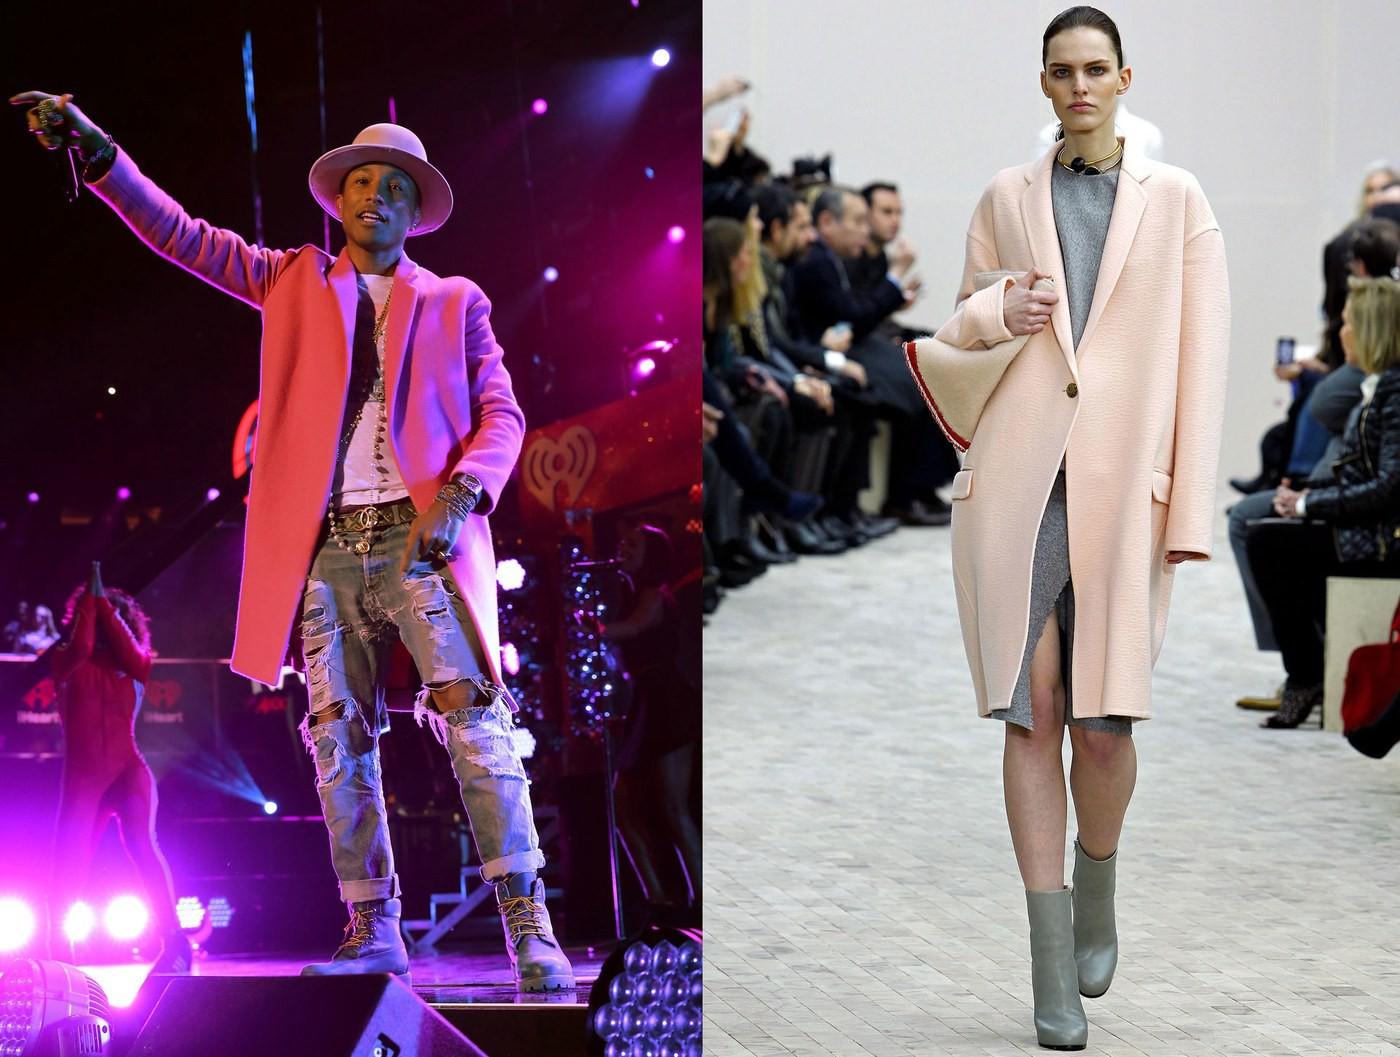 Mọi người cứ chú ý G-Dragon mà quên mất rằng, Hollywood cũng có một trai thẳng chuyên mặc đồ nữ - Ảnh 6.